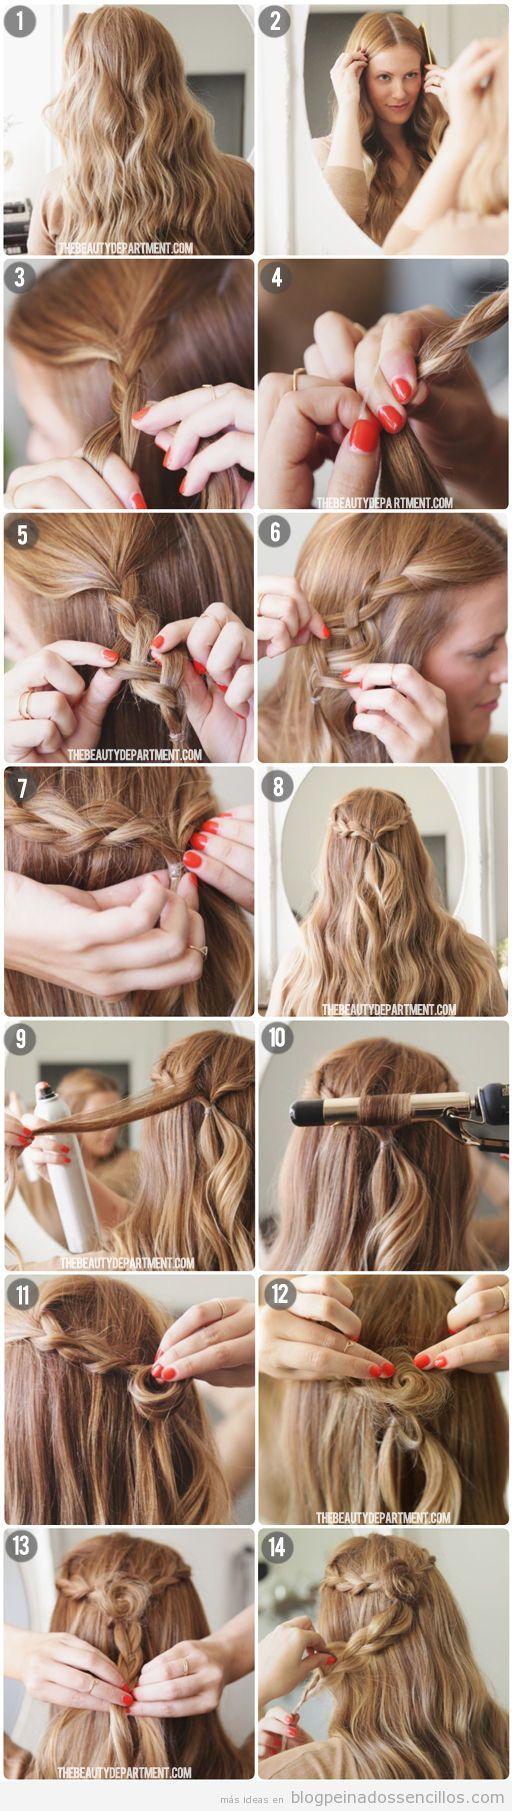 Tutorial peinado sencillo pelo largo